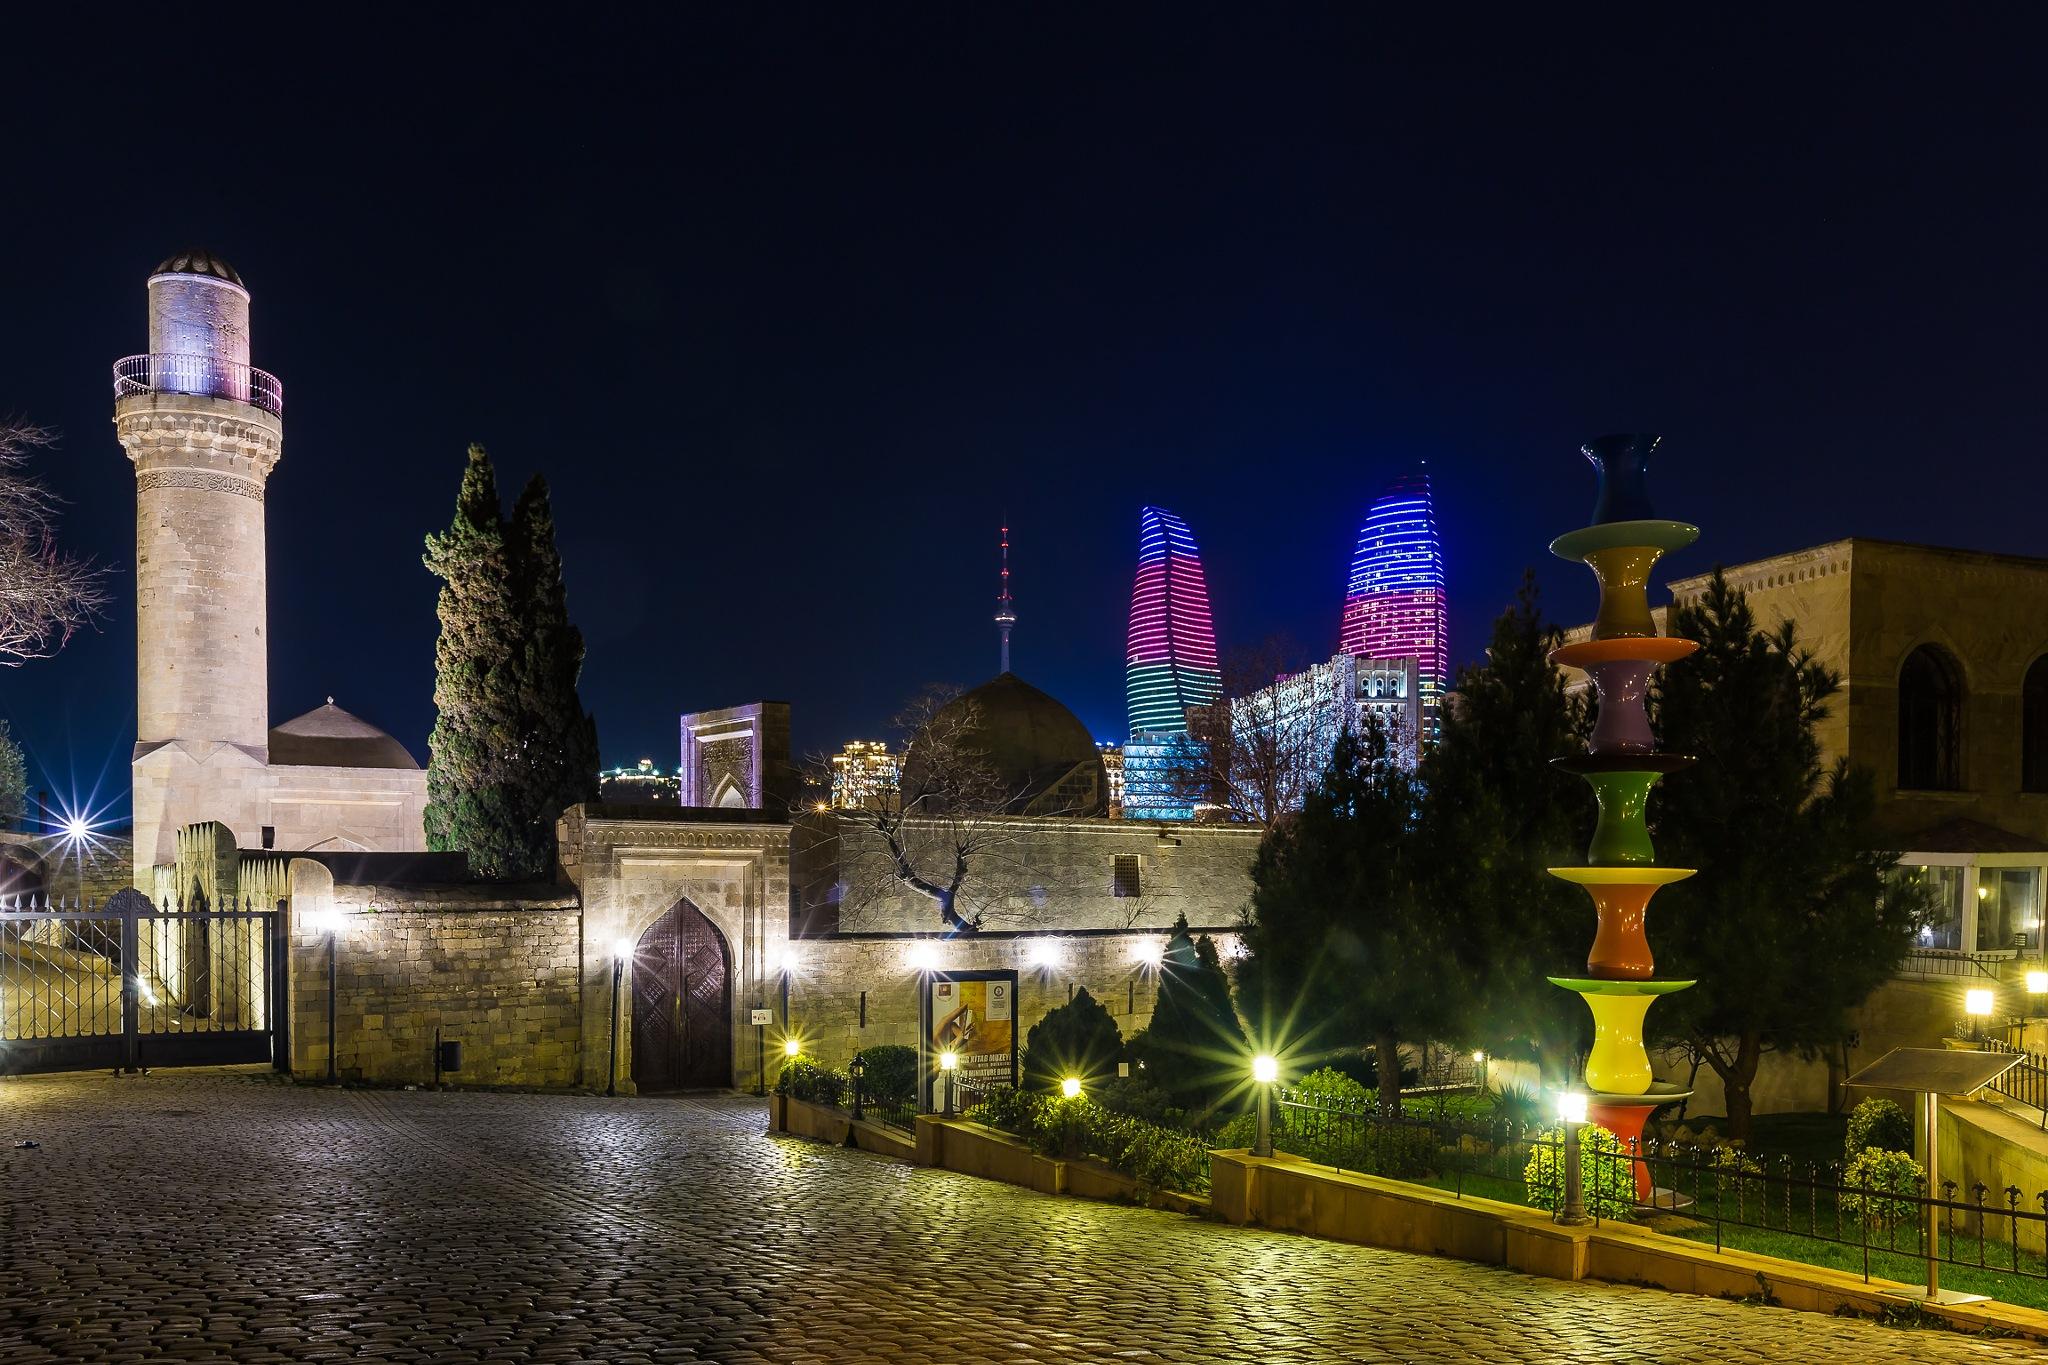 Old City by Faik Nagiyev